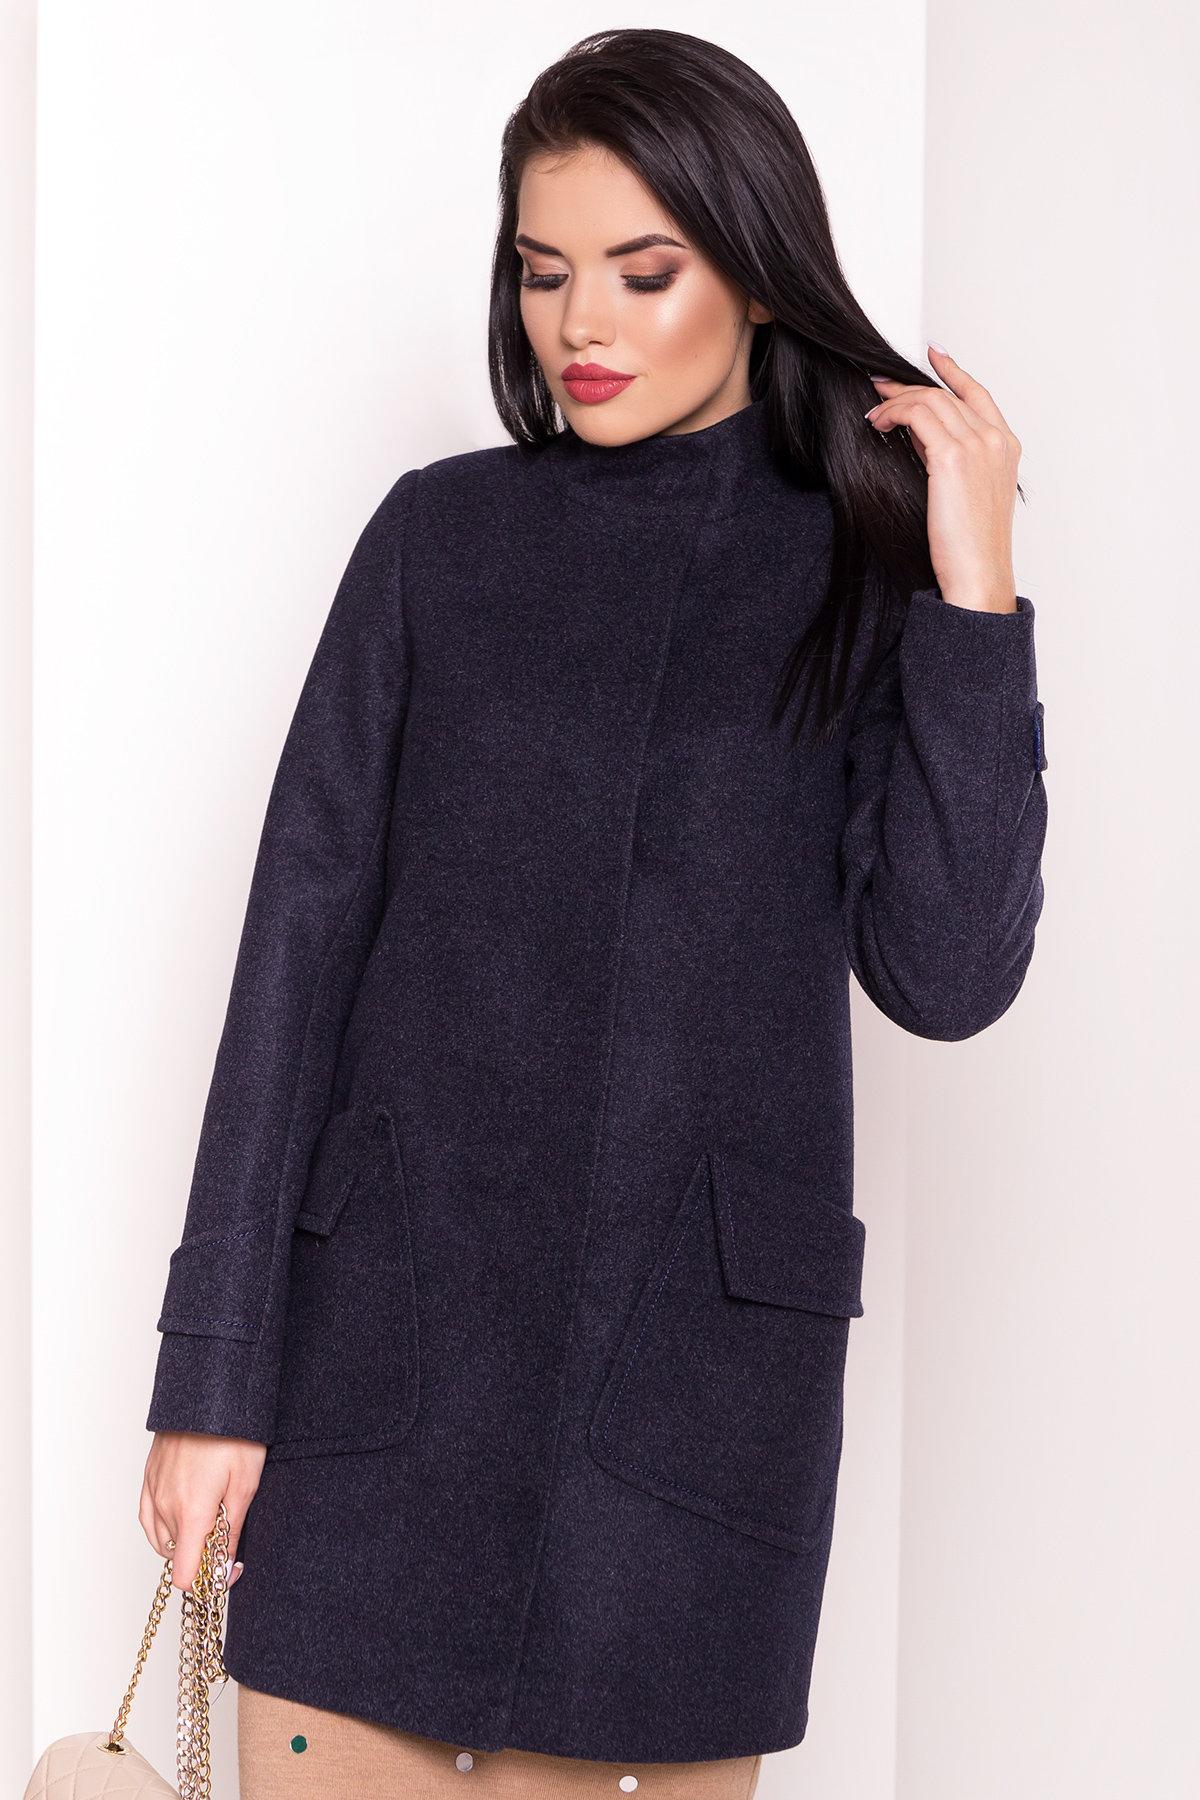 Демисезонное пальто с воротником стойка Эста 5417 АРТ. 36786 Цвет: Темно-синий - фото 4, интернет магазин tm-modus.ru